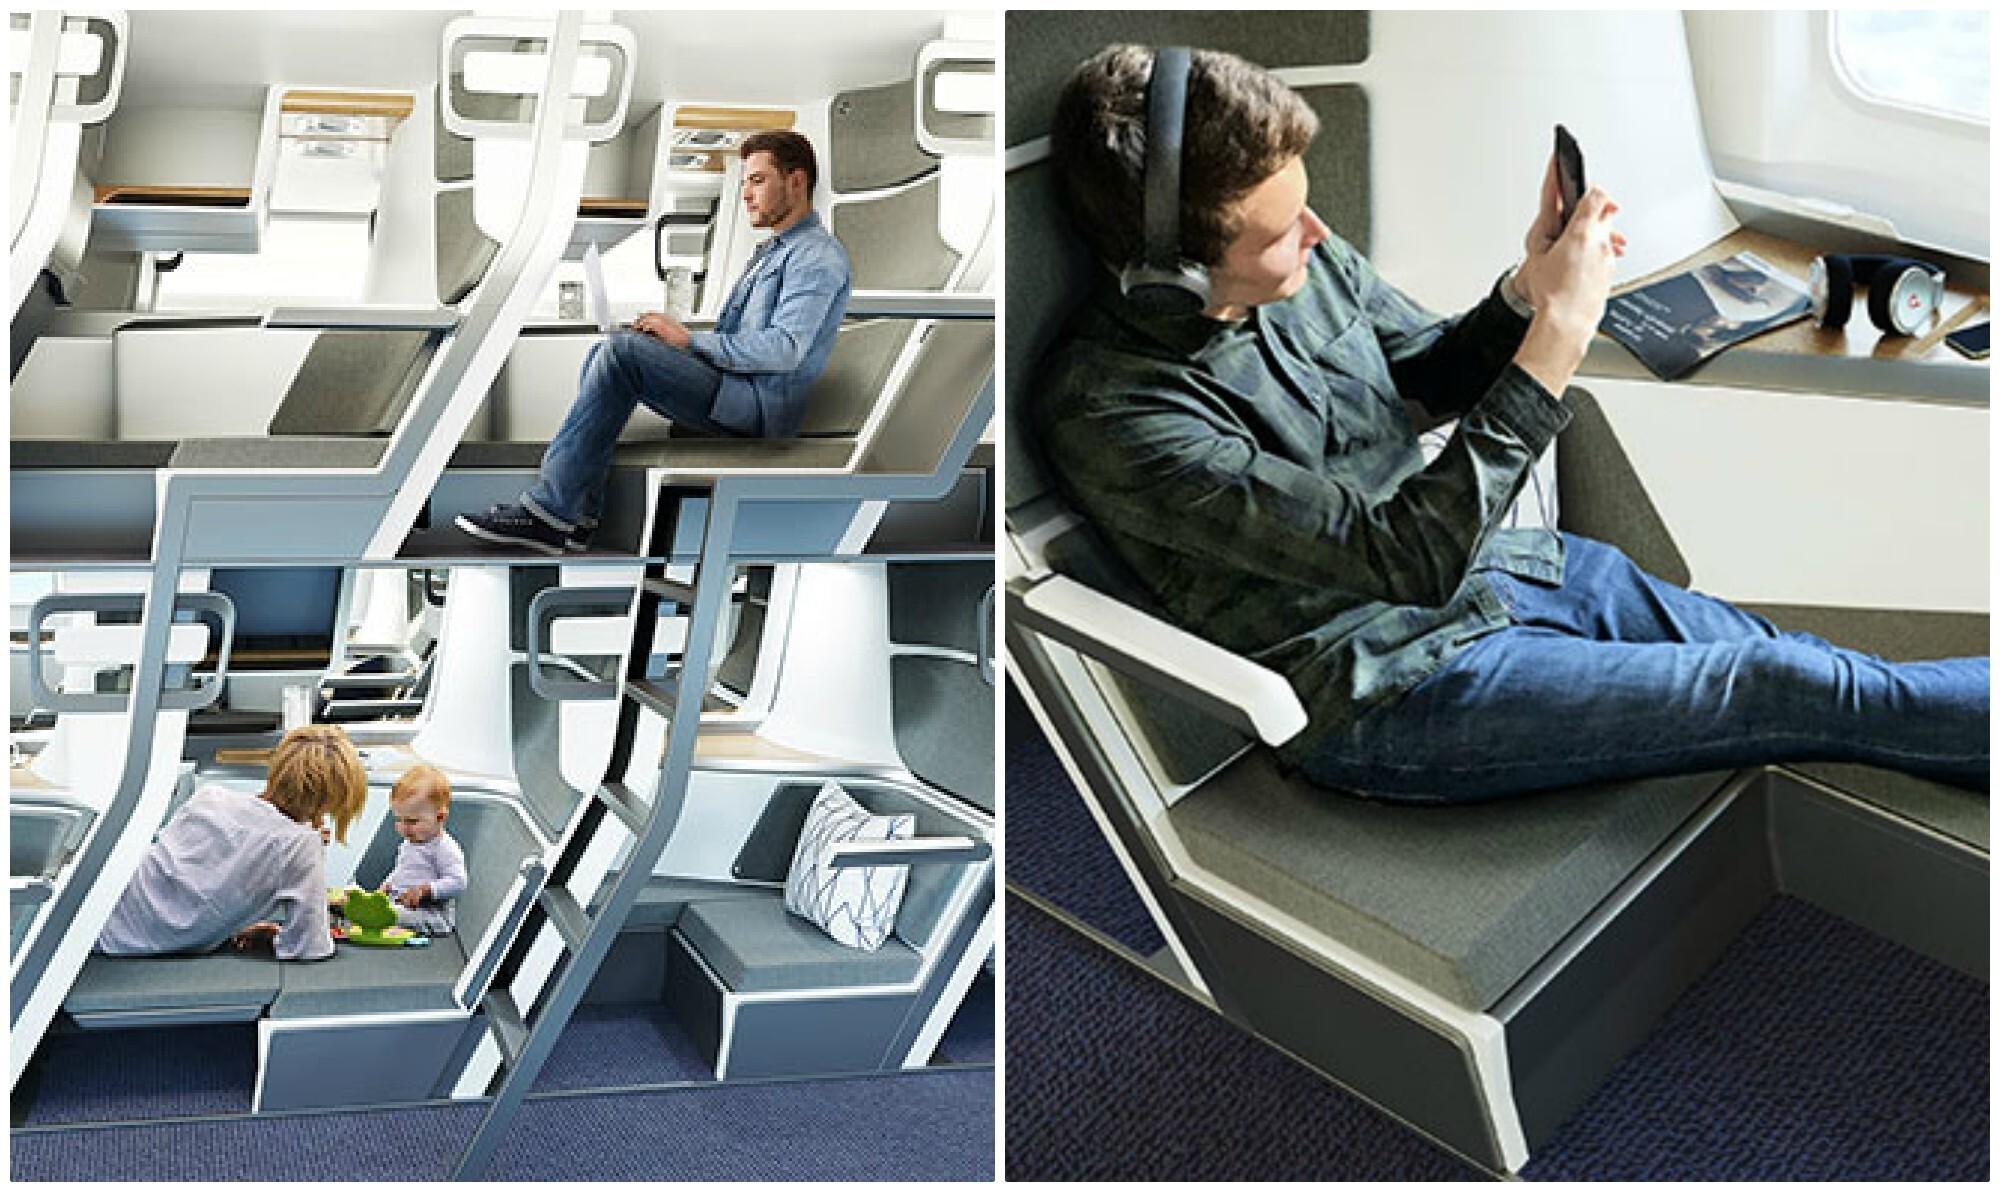 Эконом-класс пассажирских самолетов могут сделать более похожими на плацкартные поезда фото